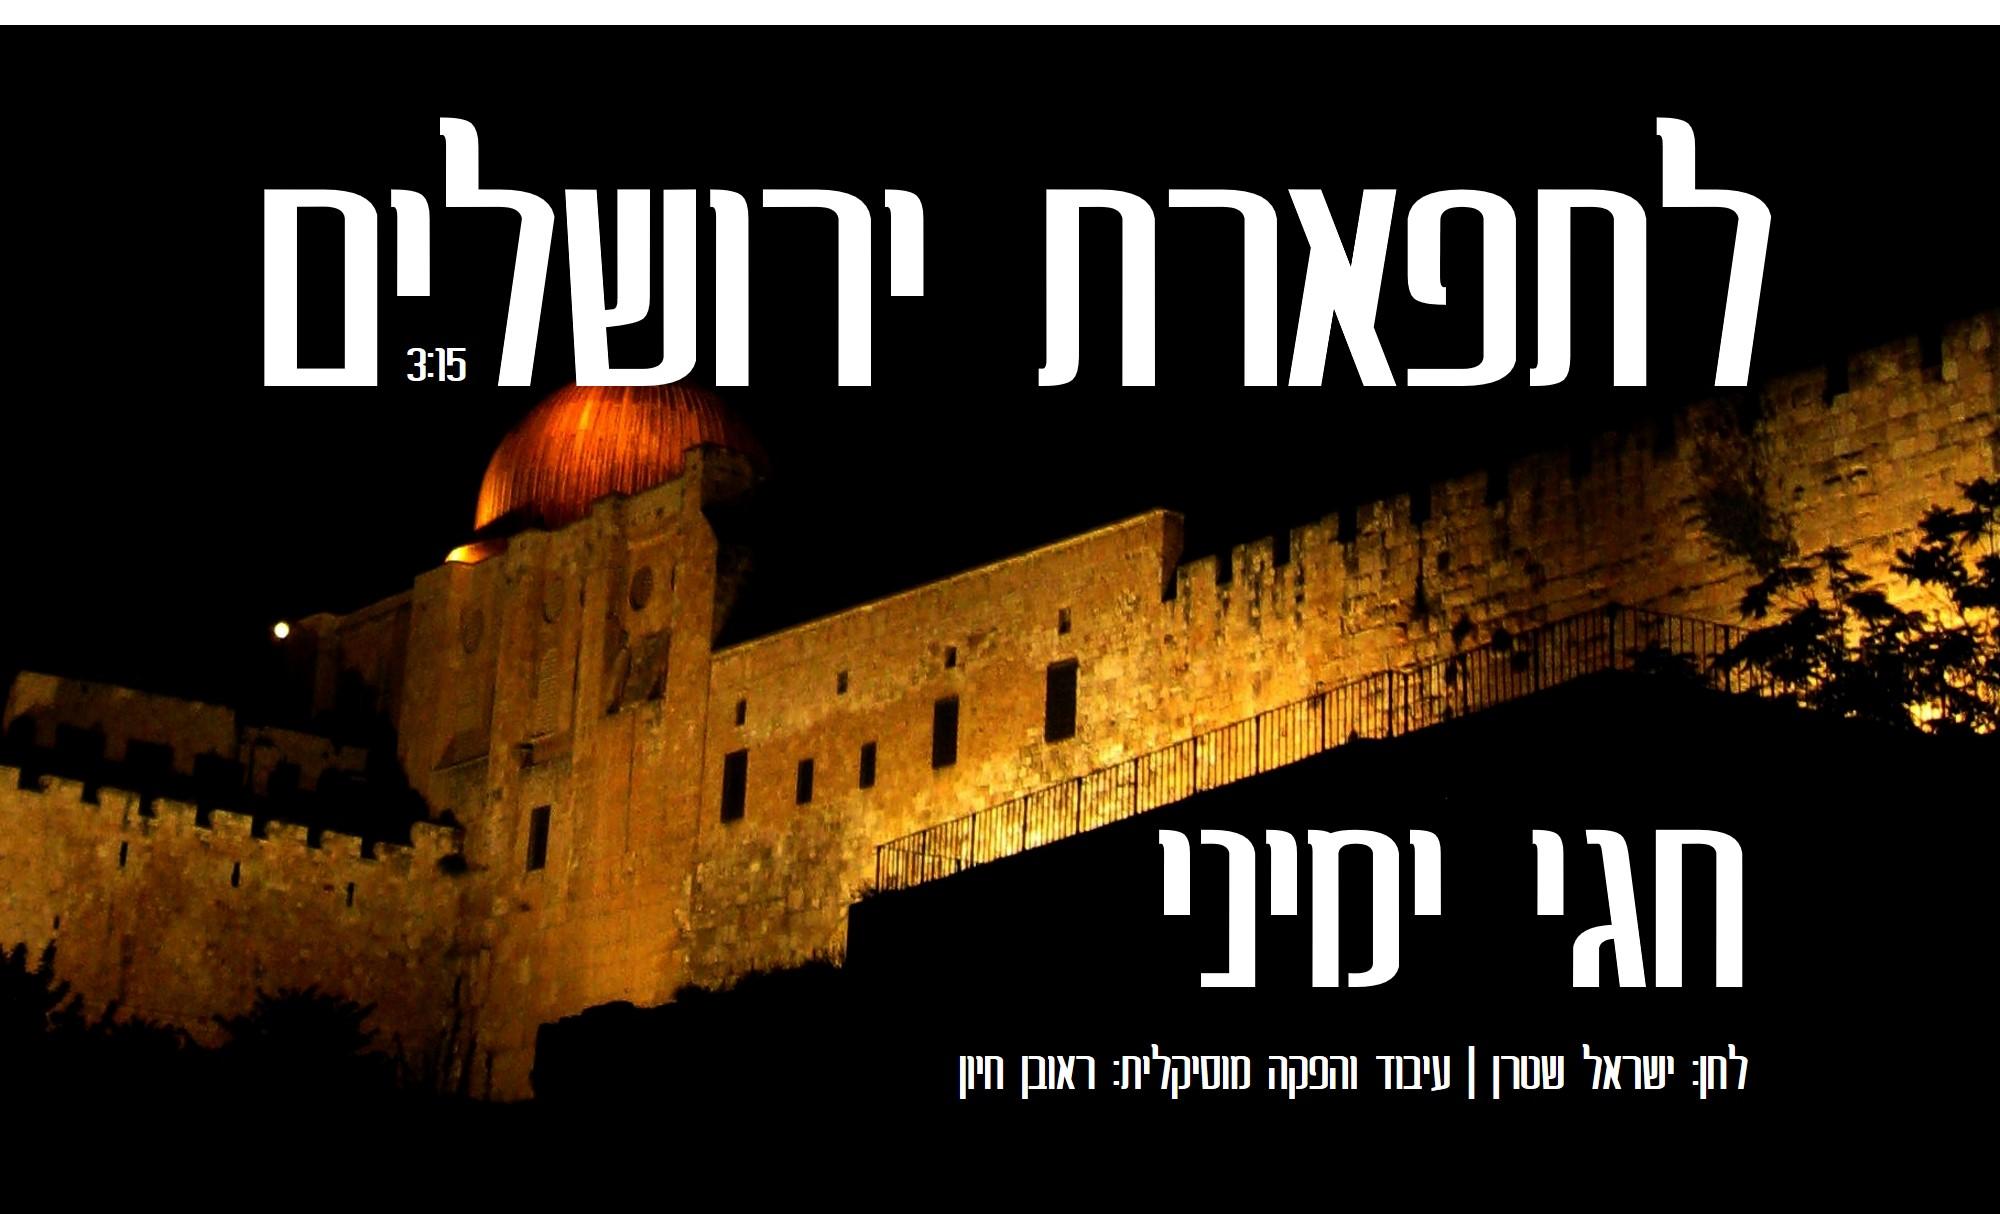 עטיפת סינגל חגי ימיני לתפארת ירושלים